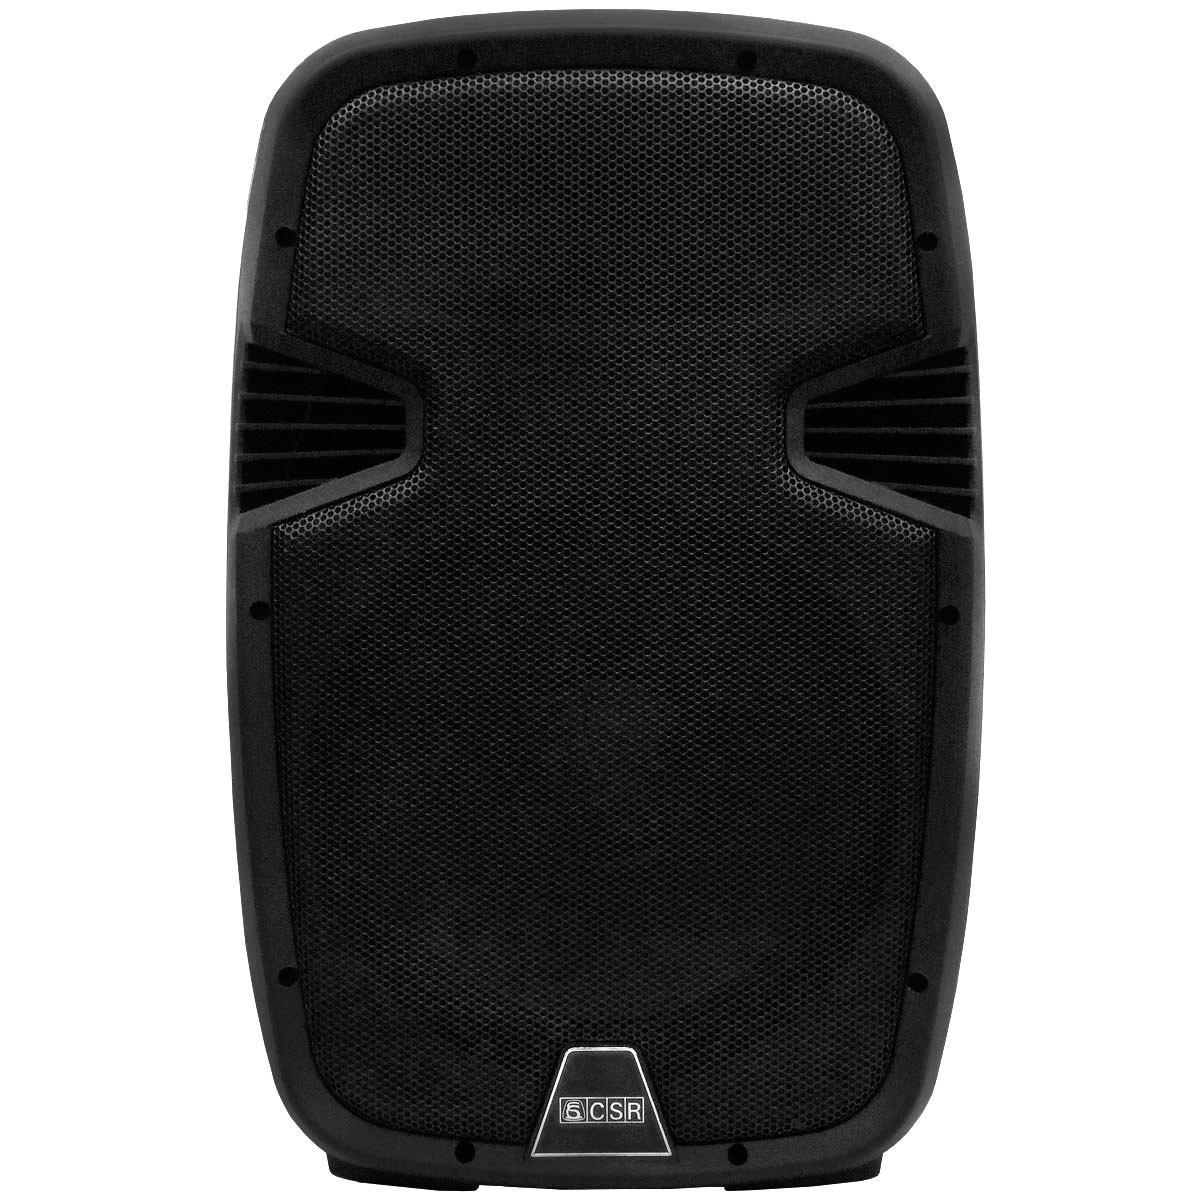 Caixa Amplificada CSR 5510A, c/ Entradas USB/SD, Efeito Echo, 100W RMS  - Transa Som Instrumentos Musicais